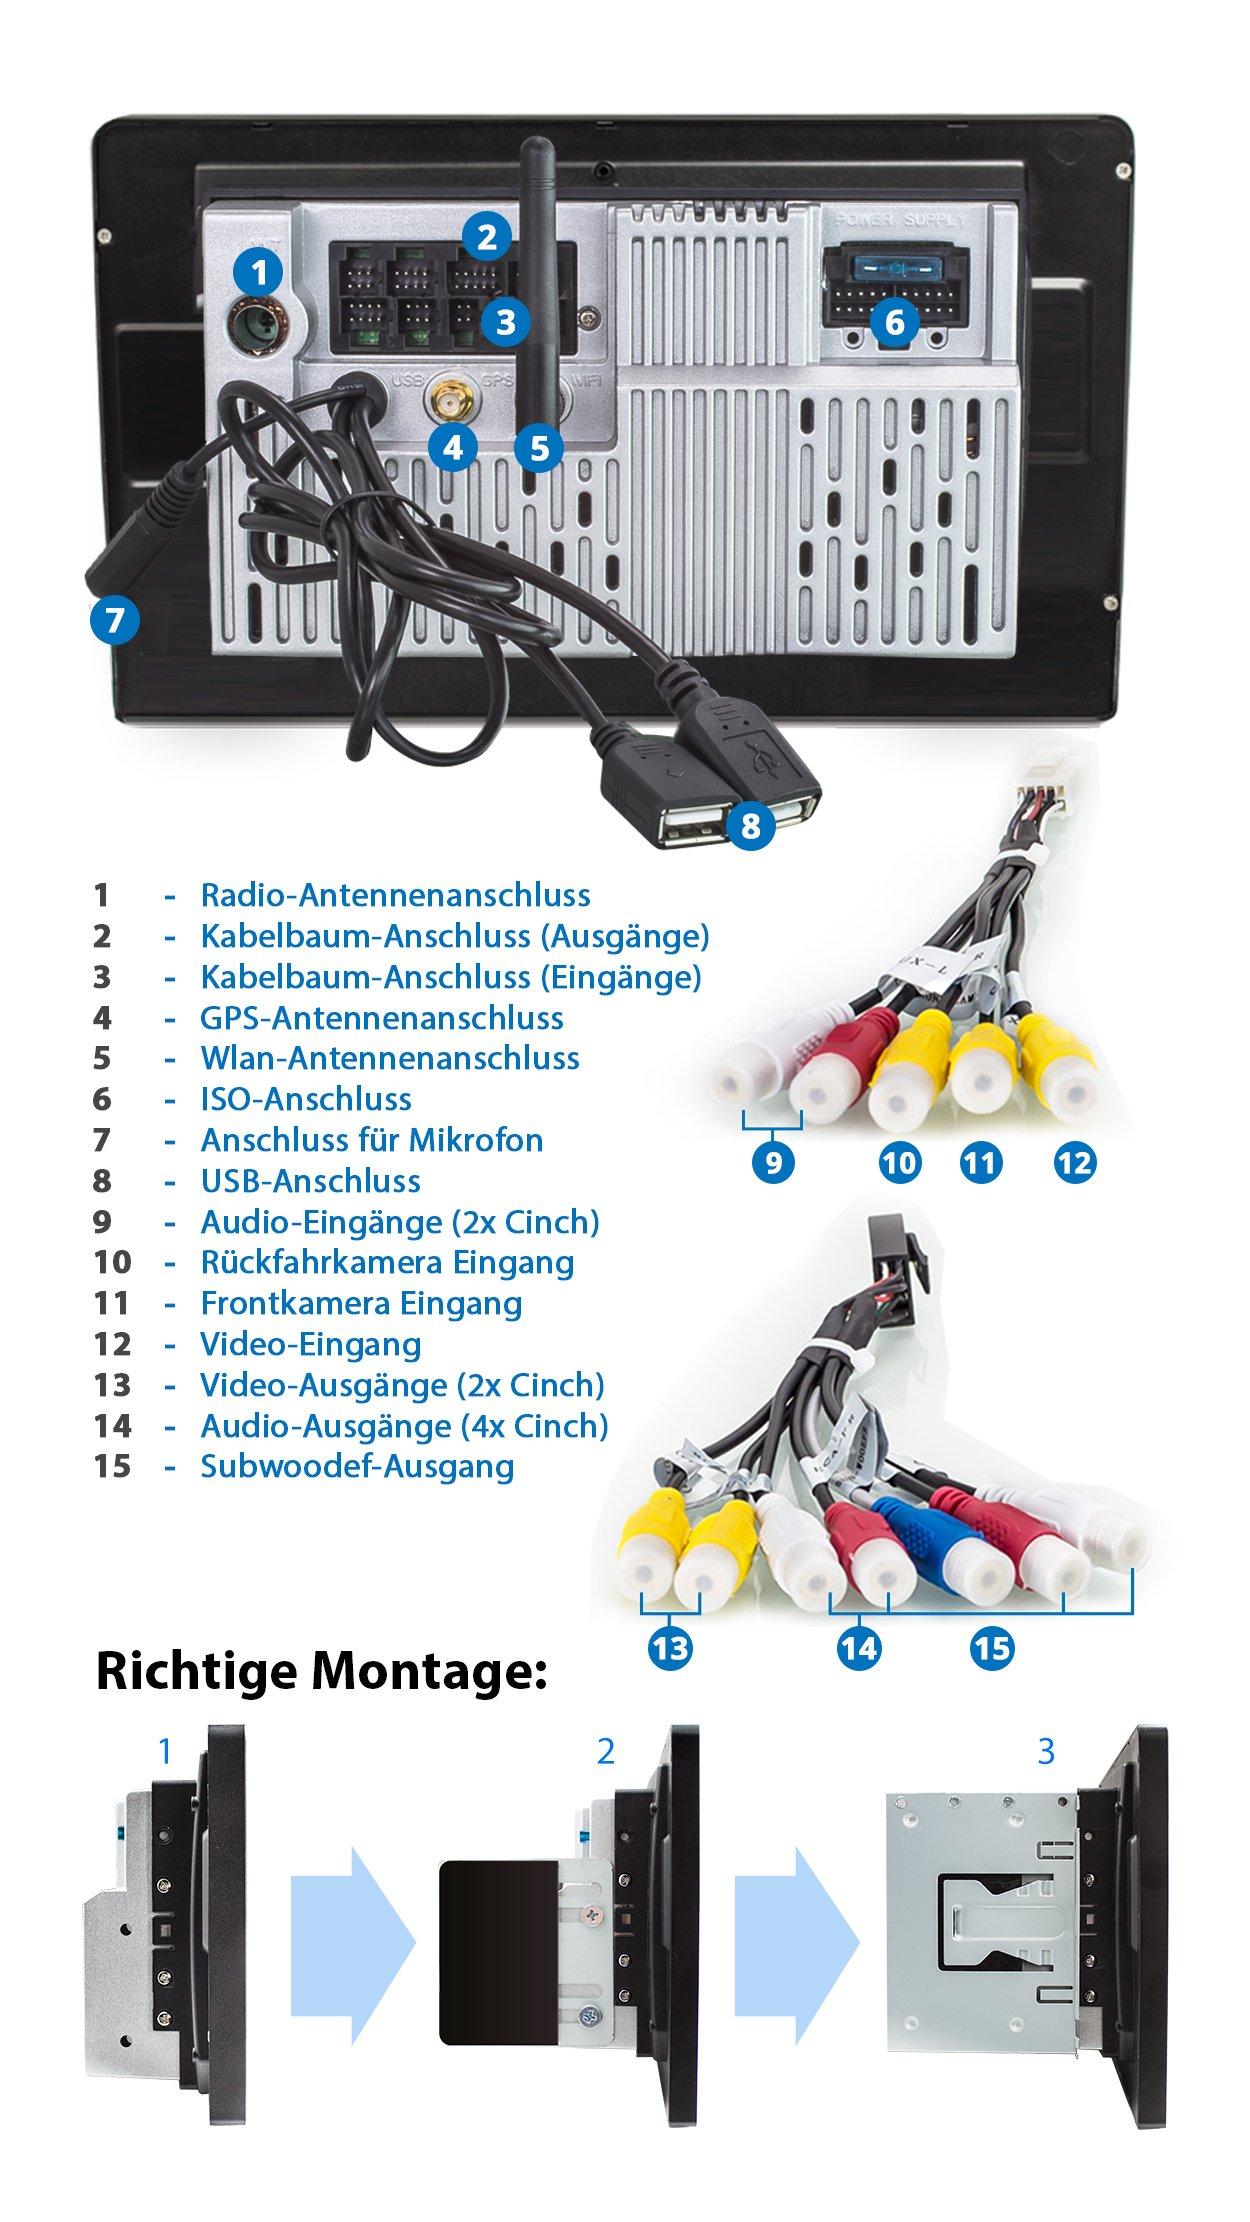 XOMAX-XM-2VA1001-Autoradio-mit-Android-711-I-XXL-Bildschirm-10-Zoll-25-cm-I-Navigation-I-Mirrorlink-I-Bluetooth-I-USB-SD-Anschlsse-fr-Rckfahrkamera-Lenkradfernbedienung-Subwoofer-I-2-DIN